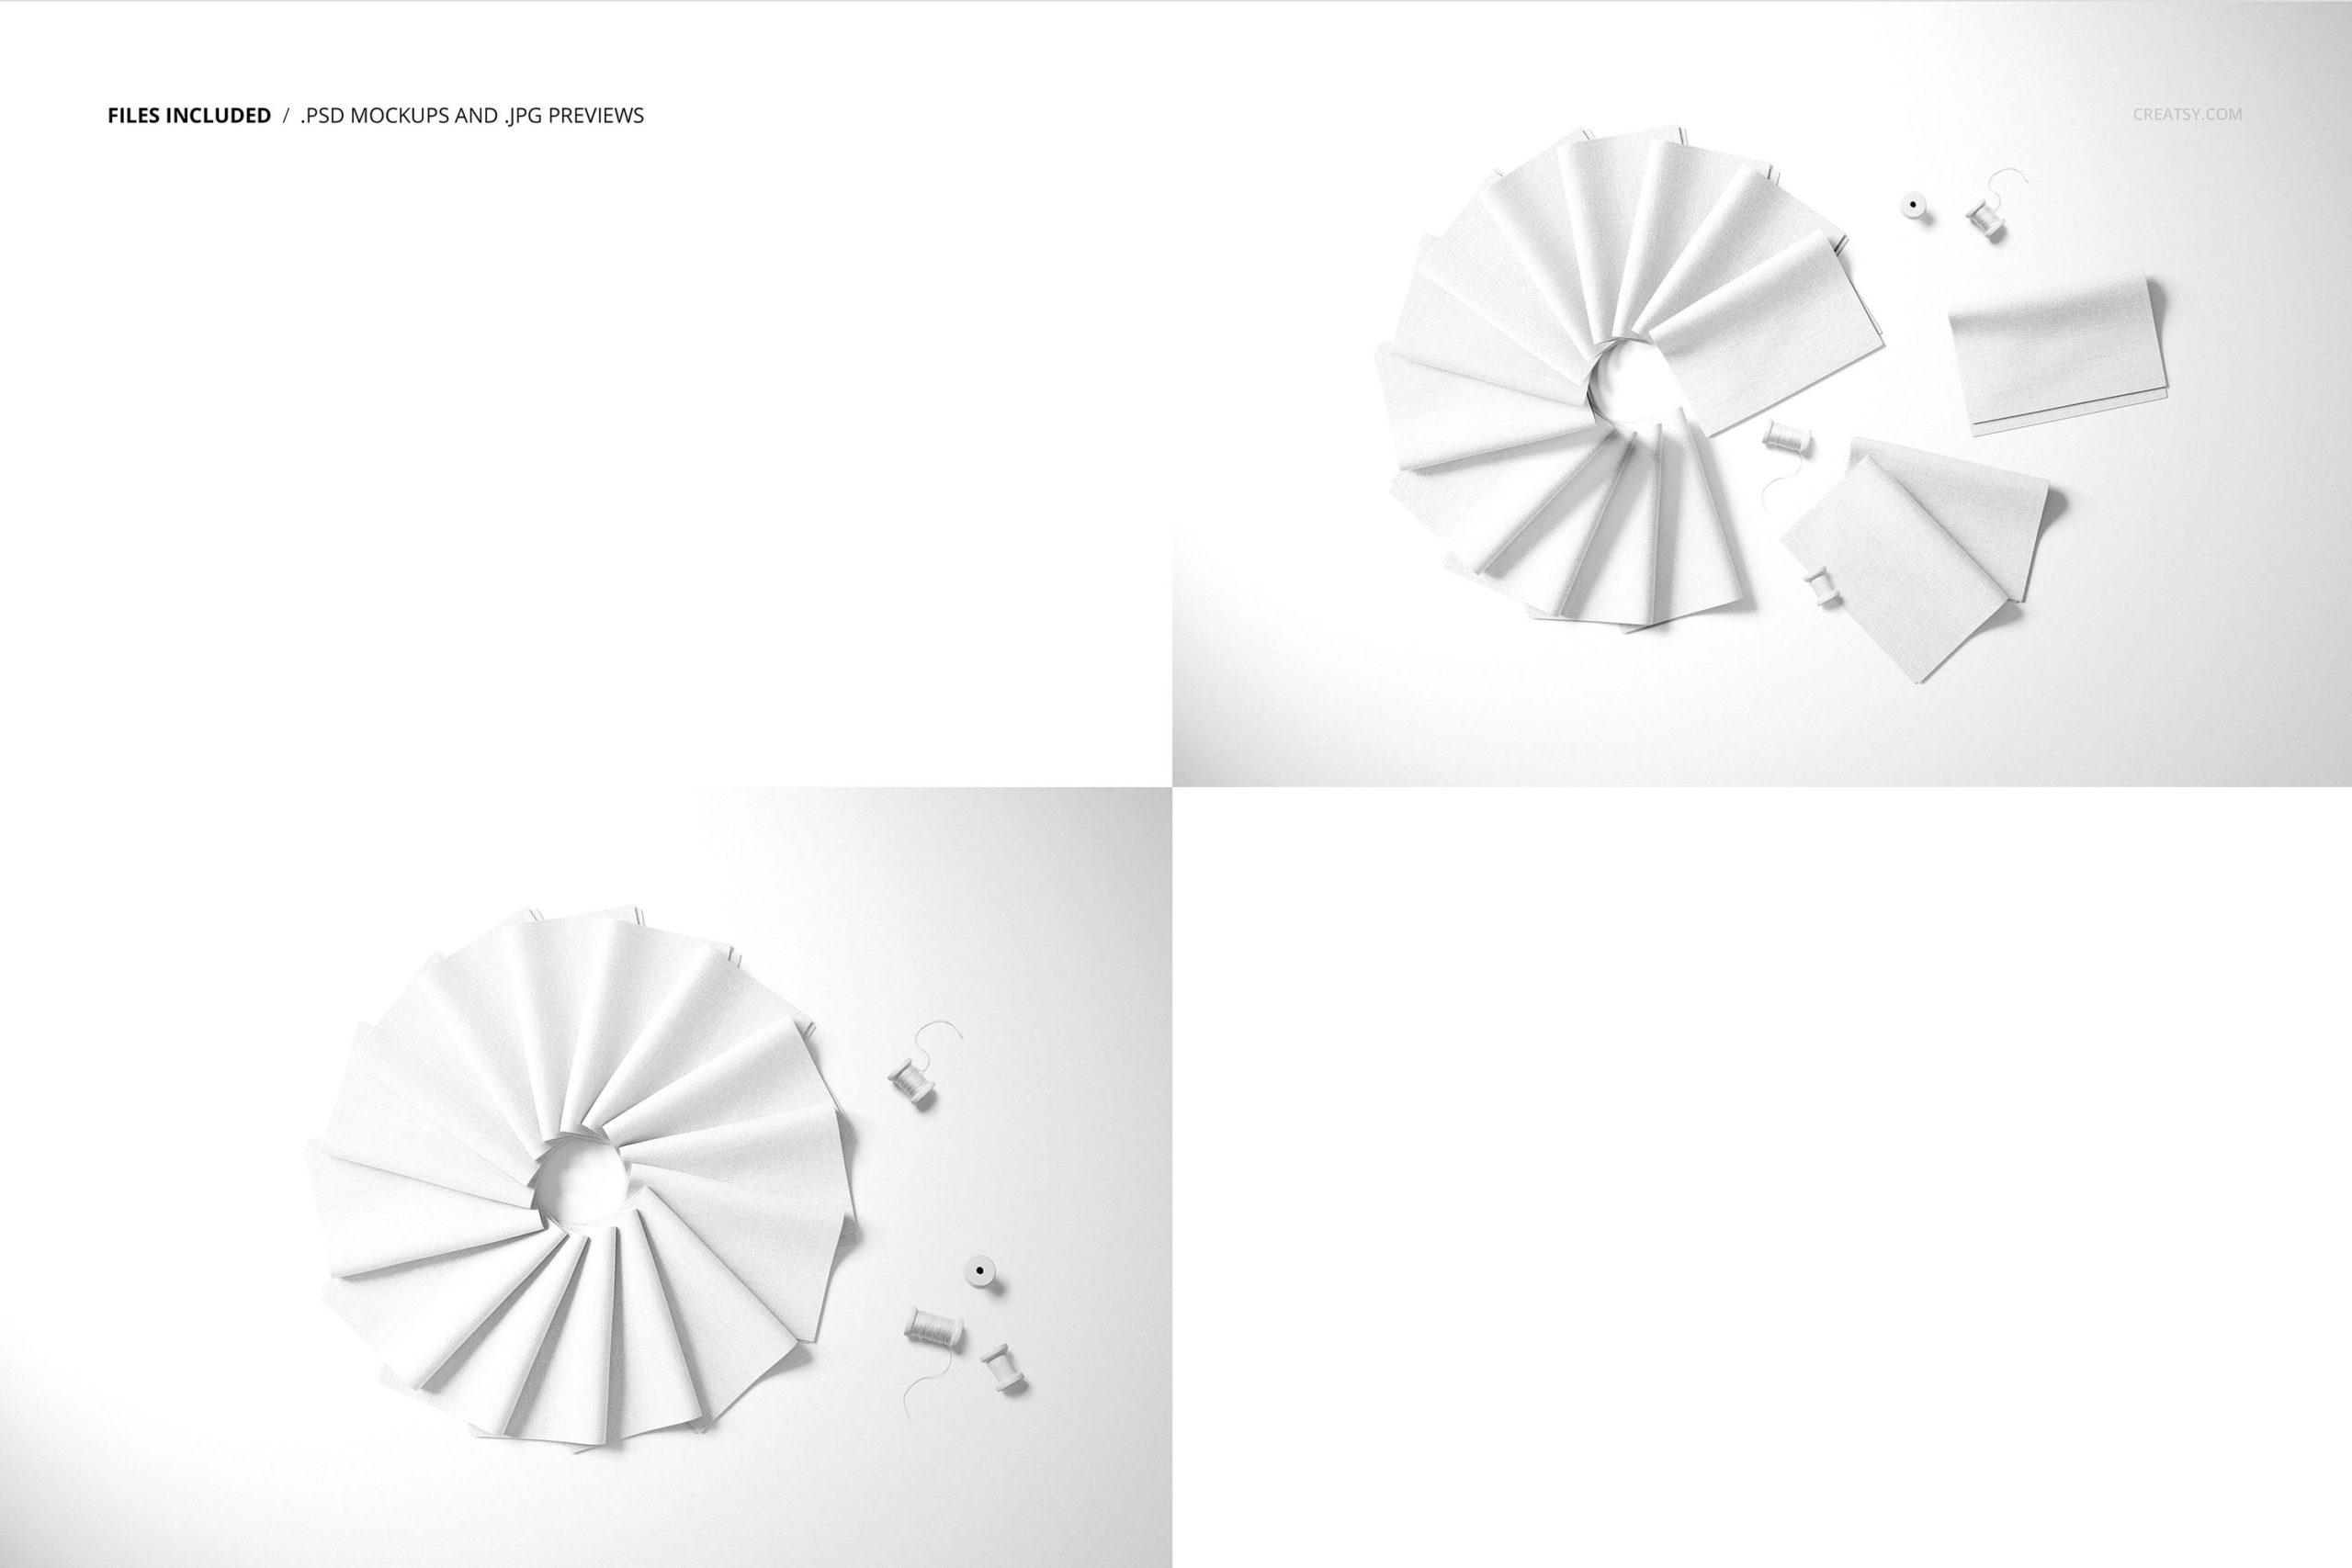 时尚折叠式绸缎面料印花图案设计贴图样机合集 Folded Fabric Swatches Mockup Set插图2